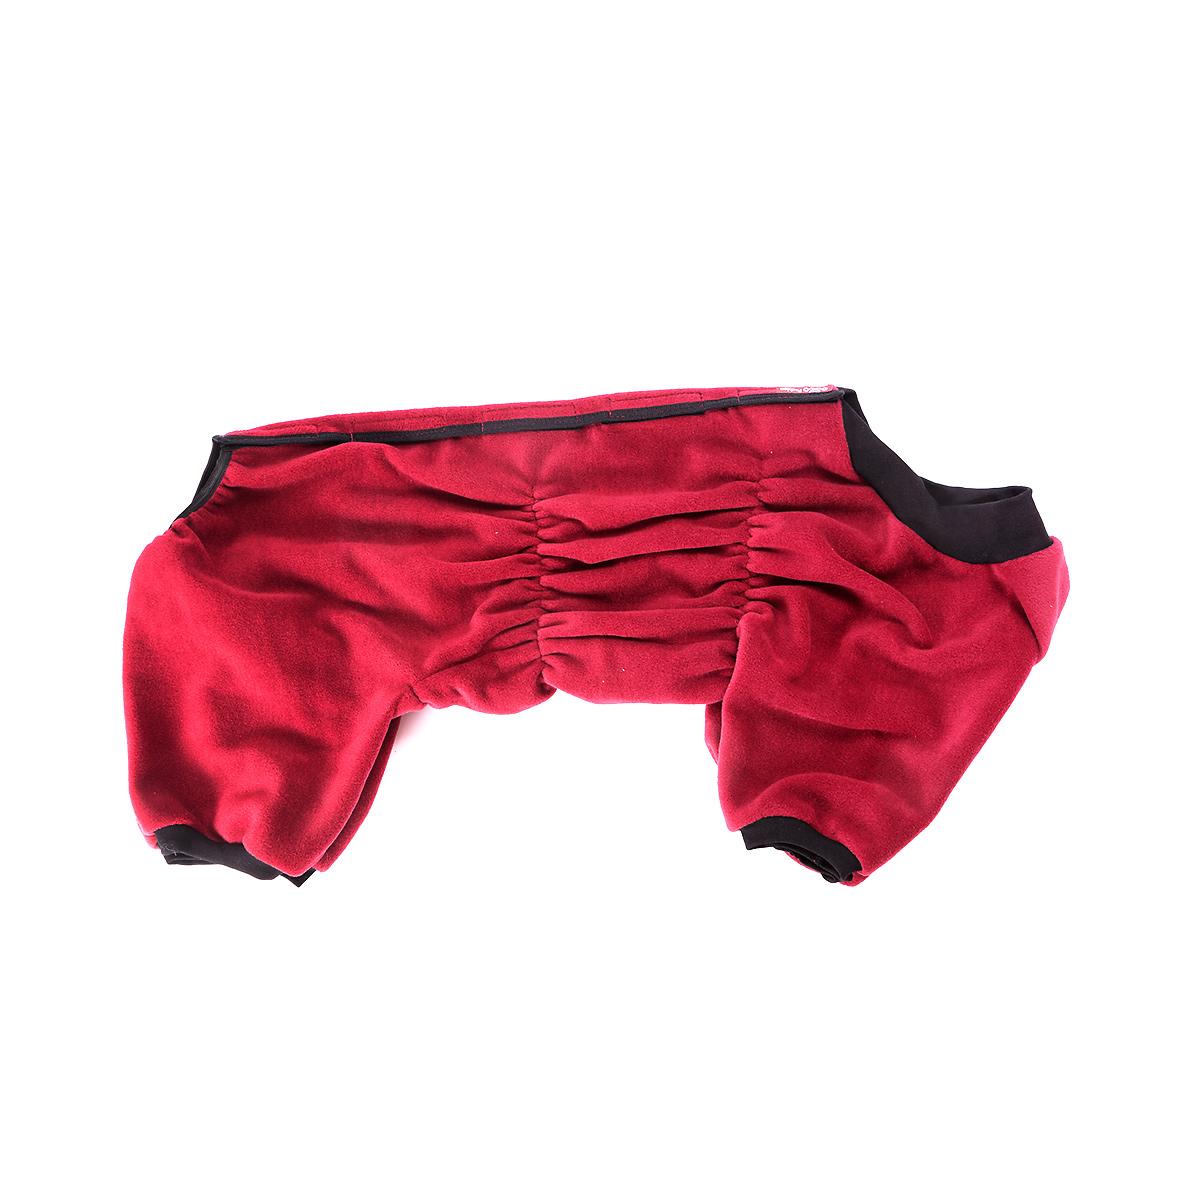 Комбинезон для собак OSSO Fashion, для девочки, цвет: бордовый. Размер 25К-1038-черный_желтыйКомбинезон для собак OSSO Fashion выполнен из флиса. Комфортная посадка по корпусу достигается за счет резинок-утяжек под грудью и животом. На воротнике имеются завязки, для дополнительной фиксации. Можно носить самостоятельно и как поддевку под комбинезон для собак. Изделие отлично стирается, быстро сохнет.Длина спинки: 25 см.Объем груди: 30-38 см.